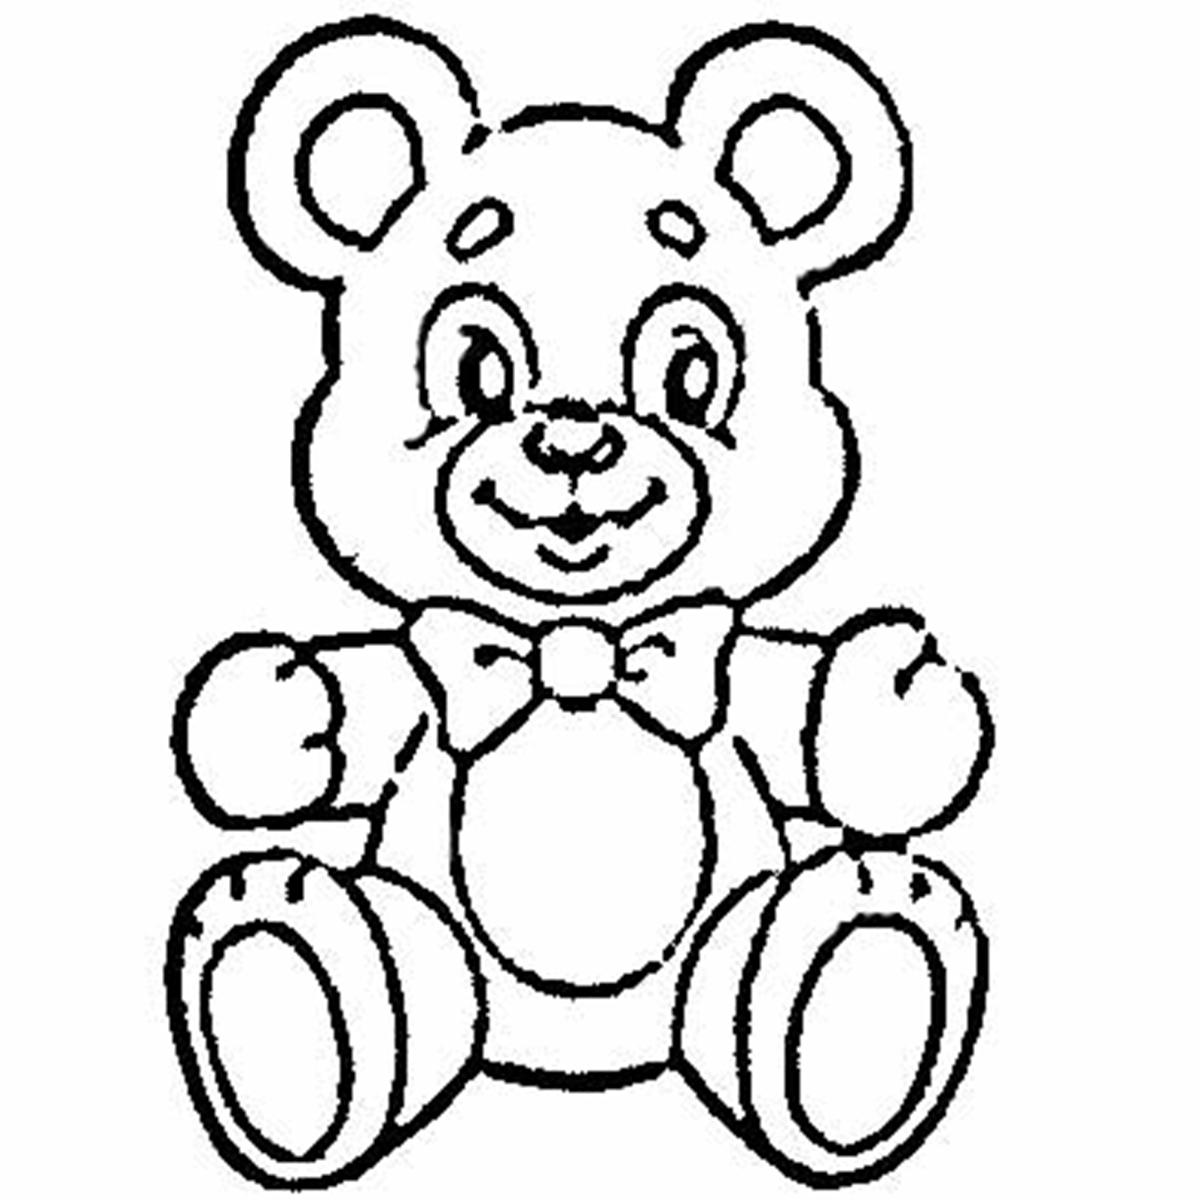 Раскраски Мишка скачать и распечатать бесплатно, рисунки ... Пасха Рисунки Карандашом